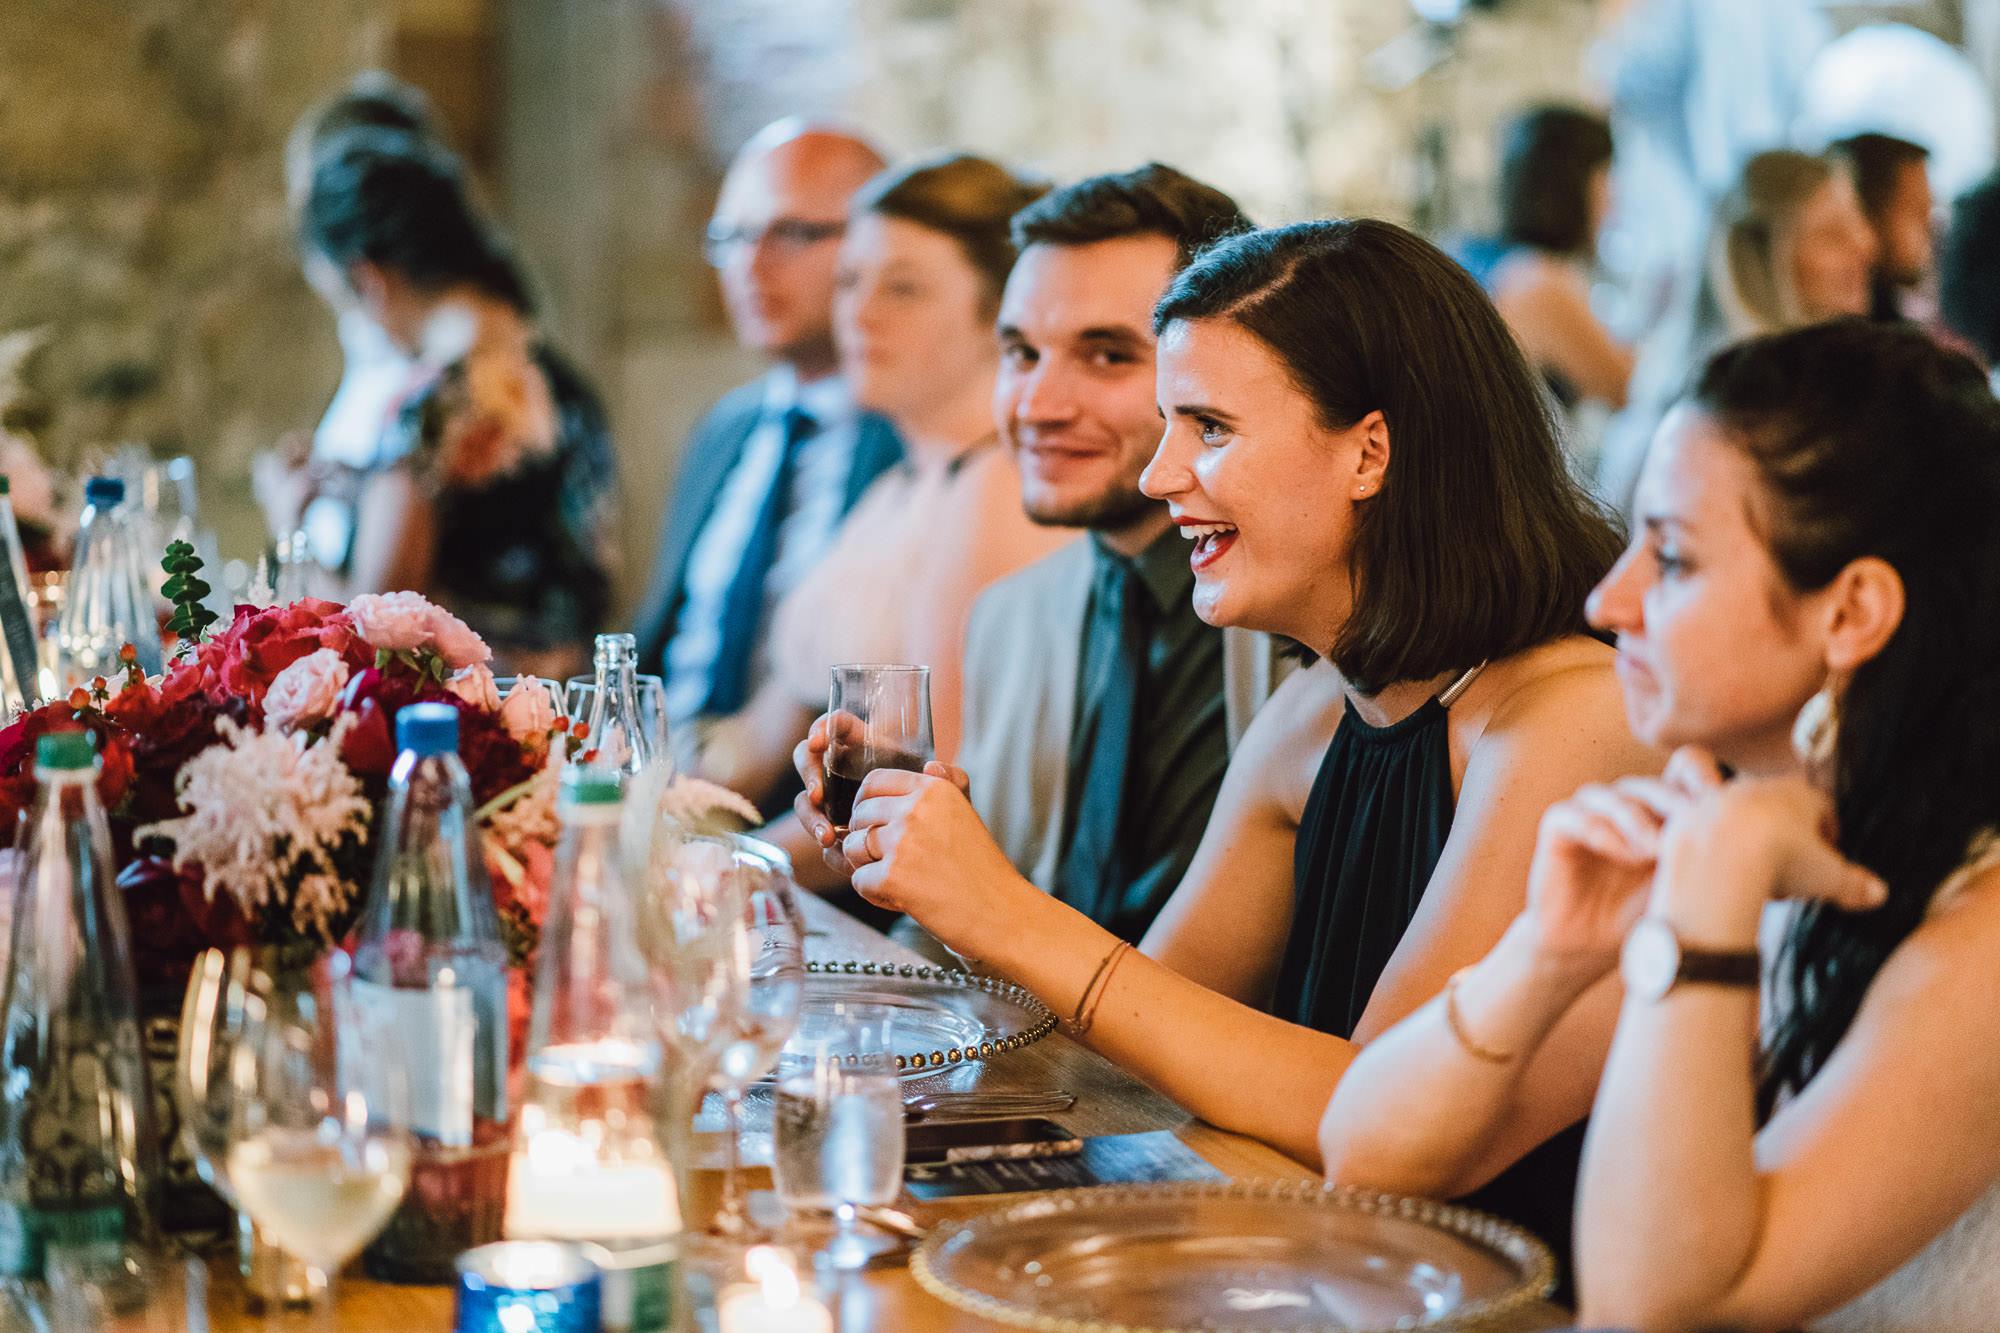 rustic-elegant-wedding-schloss-hochzeit-eyrichshof-franken-bamberg-126